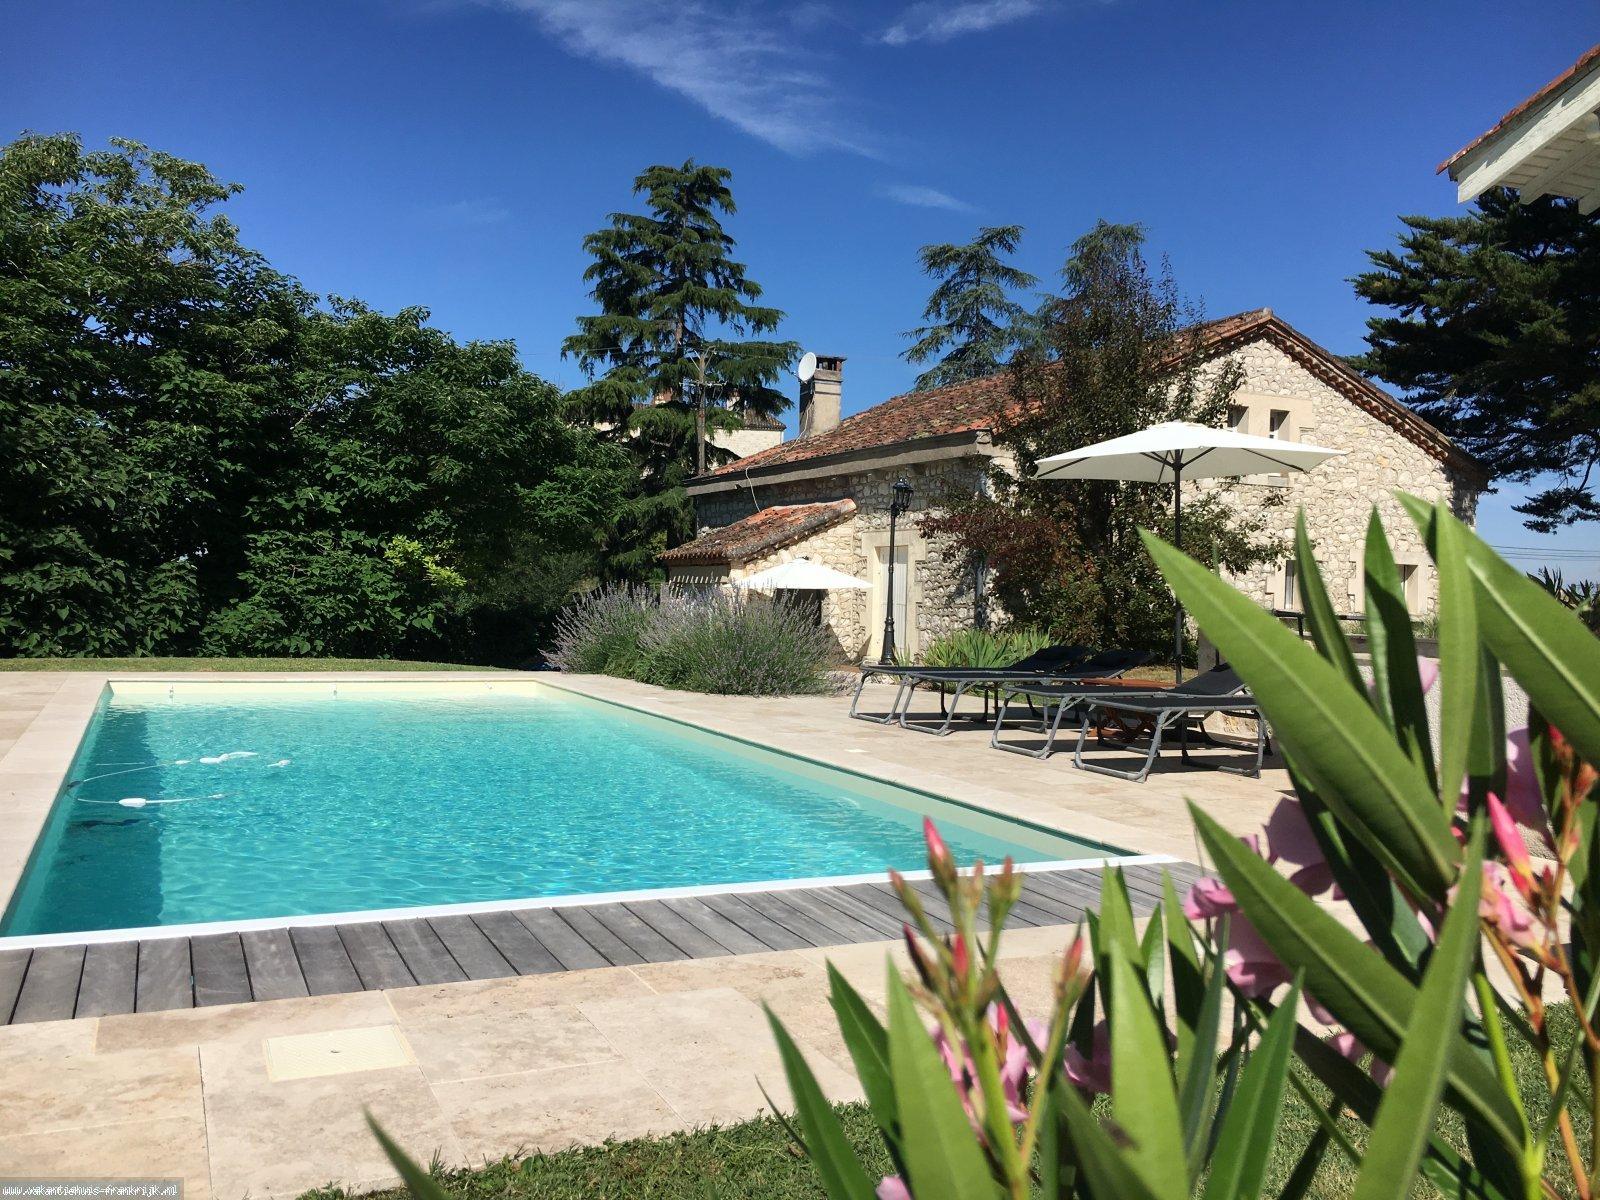 Vakantiehuis: Rustig en landelijk gelegen,gerenoveerde vakantiewoning met groot verwarmd zwembad te huur voor uw vakantie in Lot et Garonne (Frankrijk)